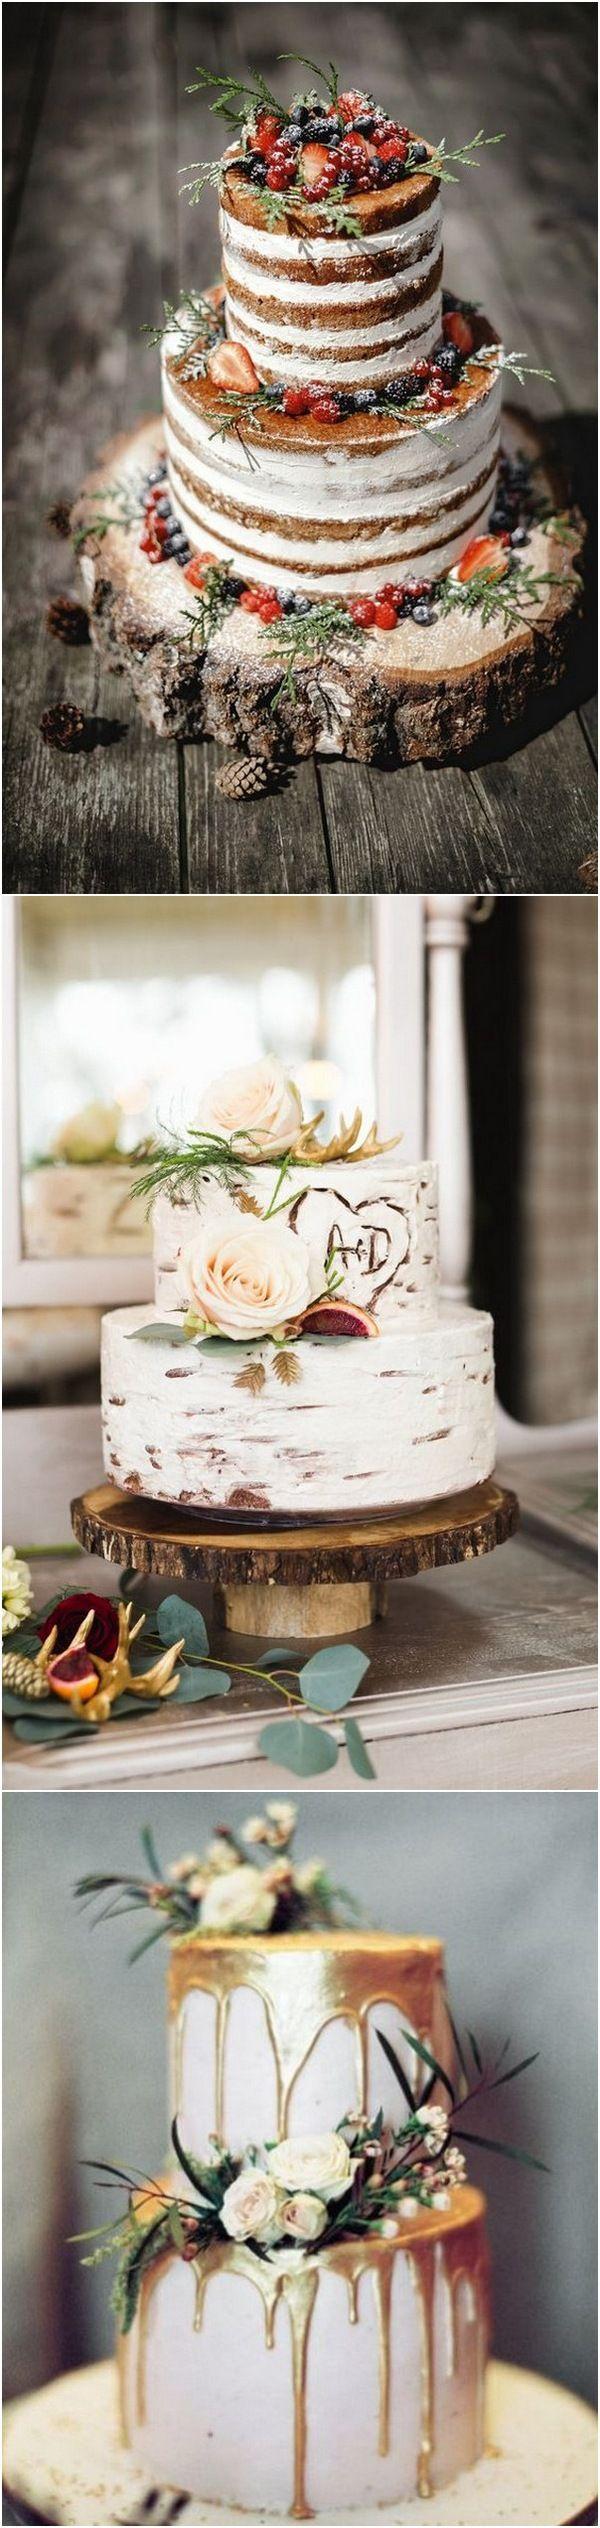 Herbst Hochzeitstorten für 2018 Trends 2   – Hochzeit